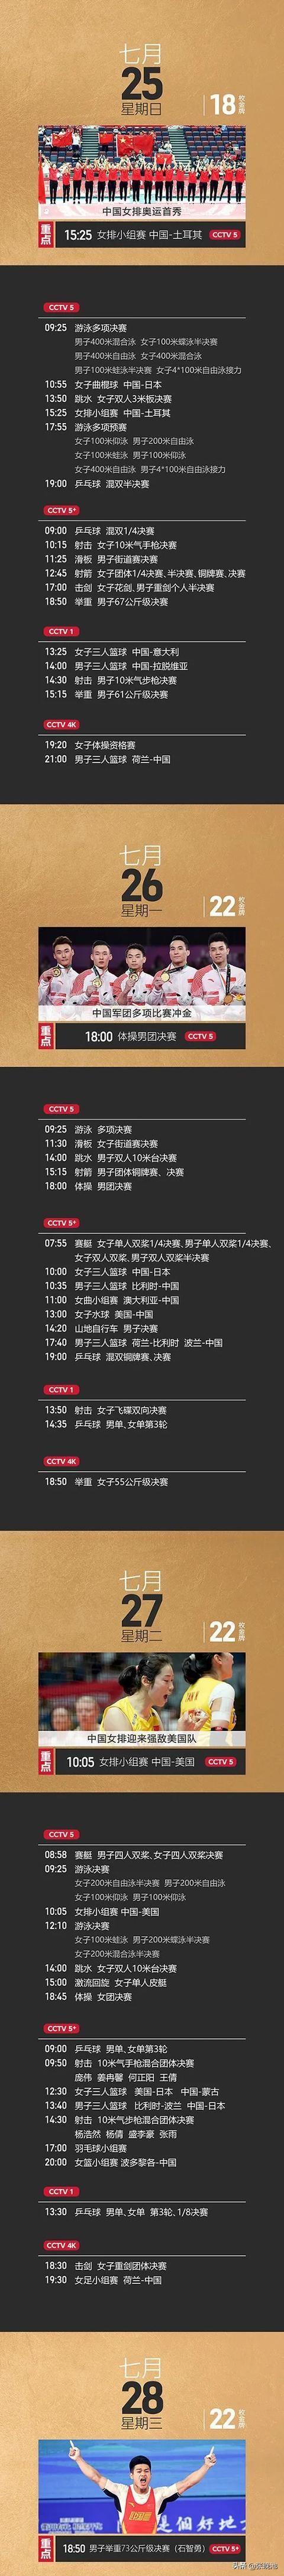 央视体育奥运直播最全指南!CCTV5等多个平台直播女排+国乒等赛事